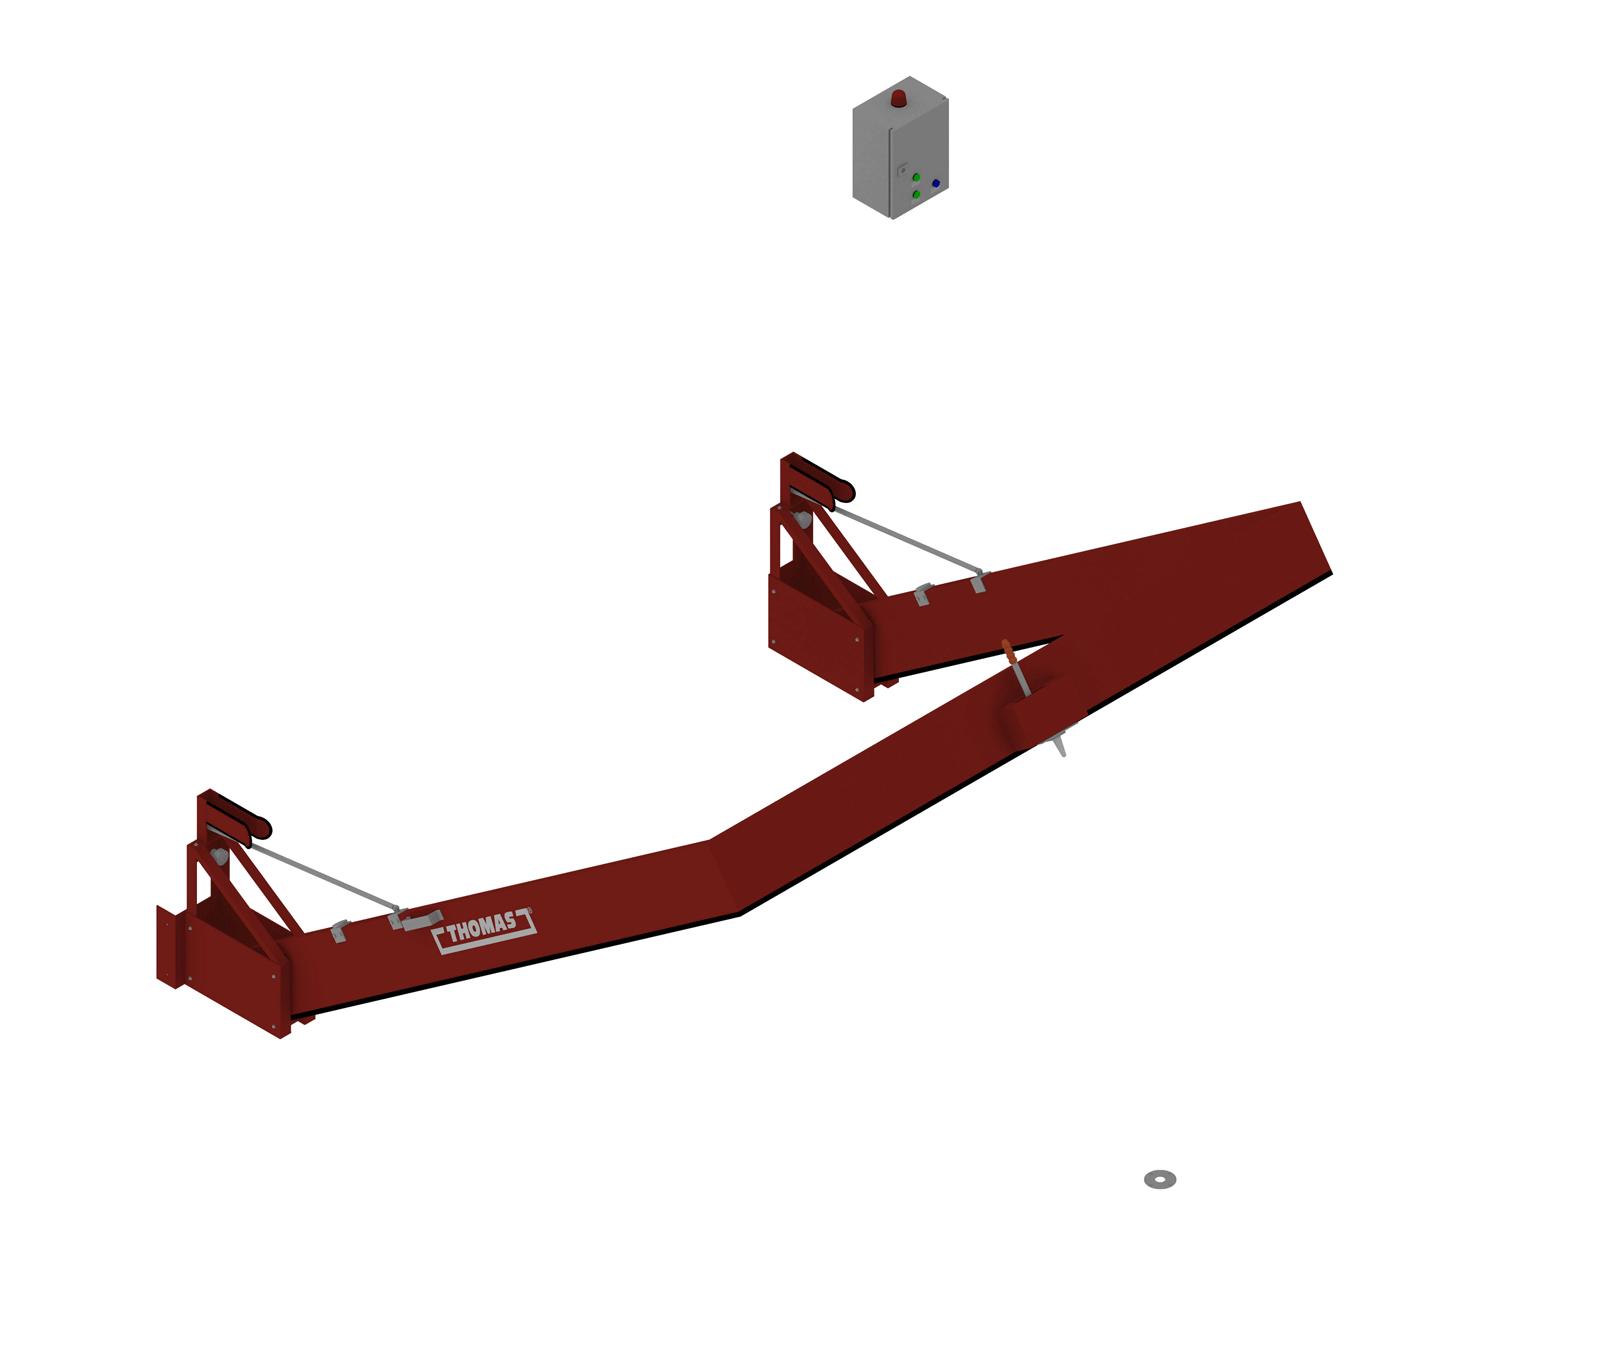 thomas-systech-automatische-barriere-laderampenabdichtung-manuelle-rueckstellung-halboffen-1600×1350